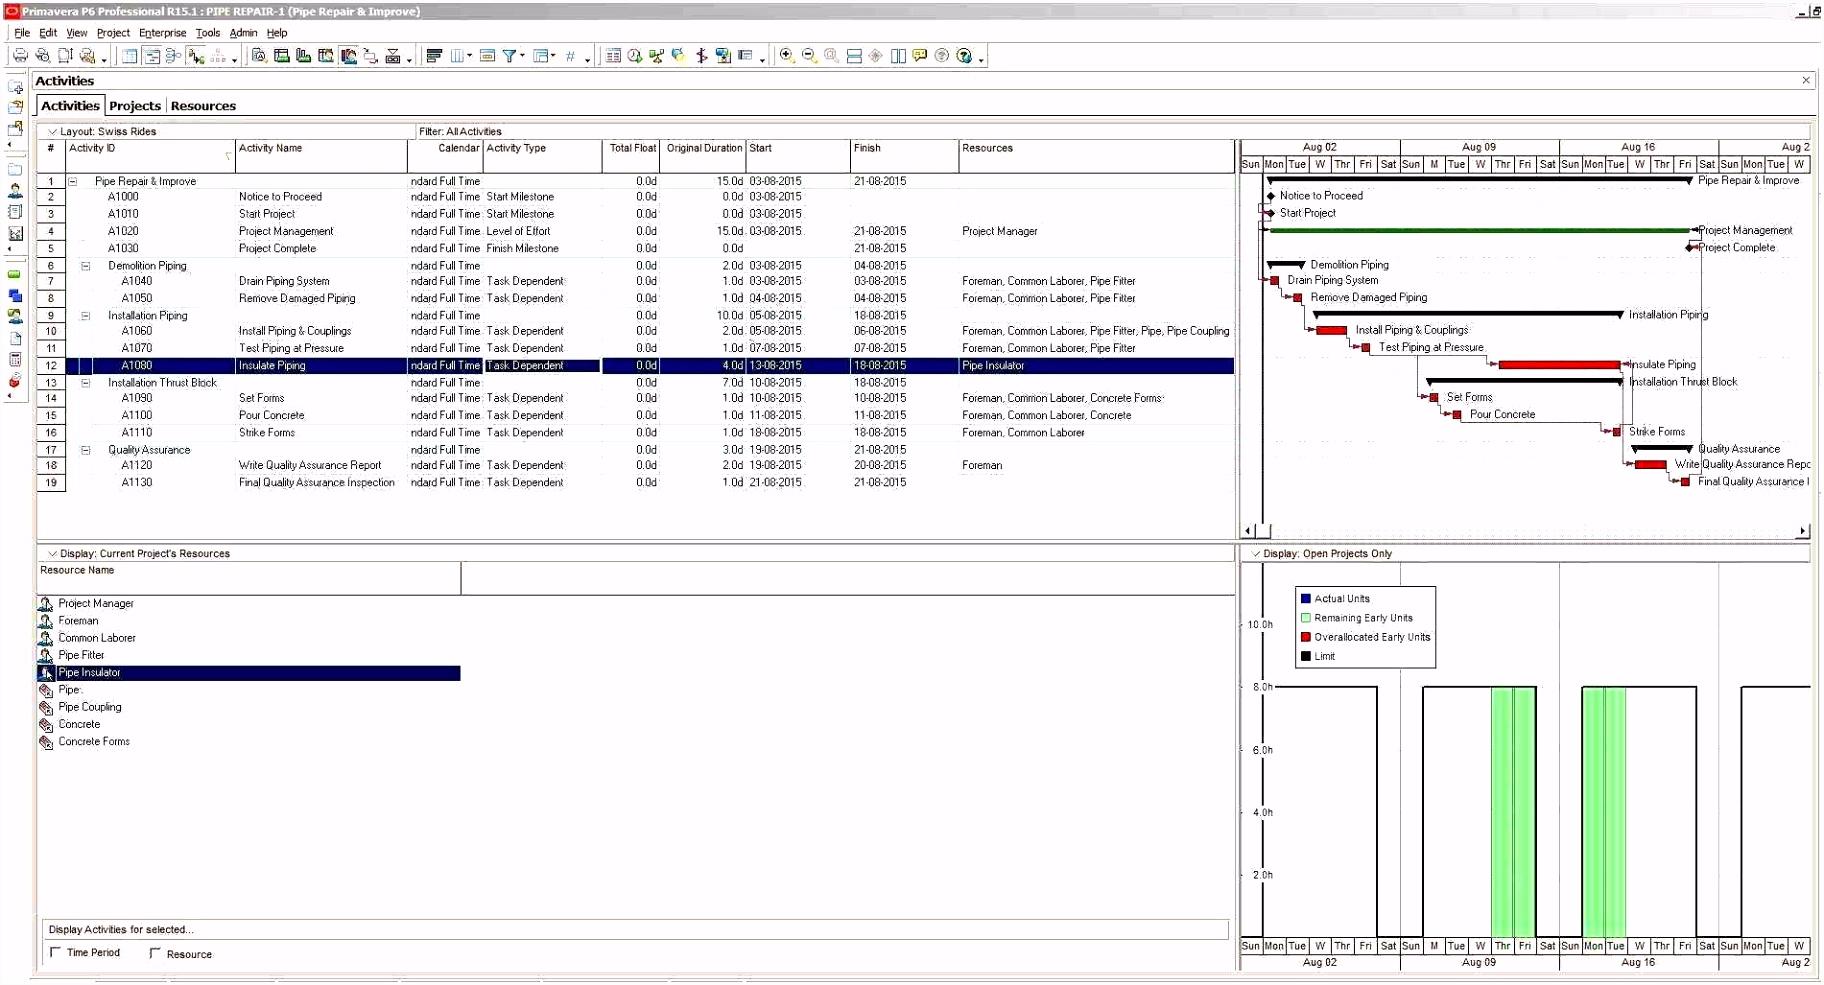 Konten Vorlage Excel Vorlagen Kassenbuch Dann T Konten Vorlage Beispiele Für Bilder Y9dj020ab3 J6biv4iqz5